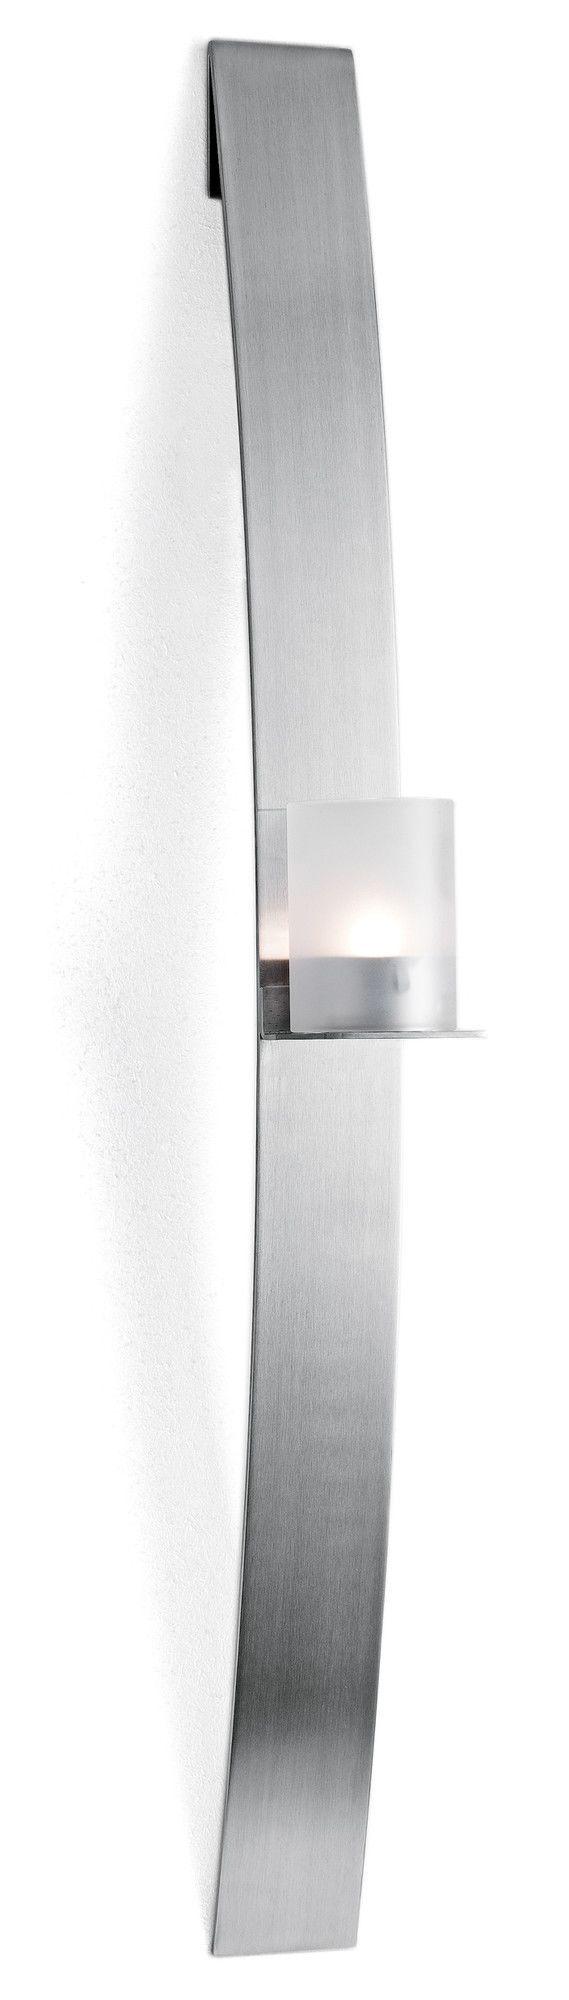 BLOMUS Свещник за стена LADO - мат - 60 см